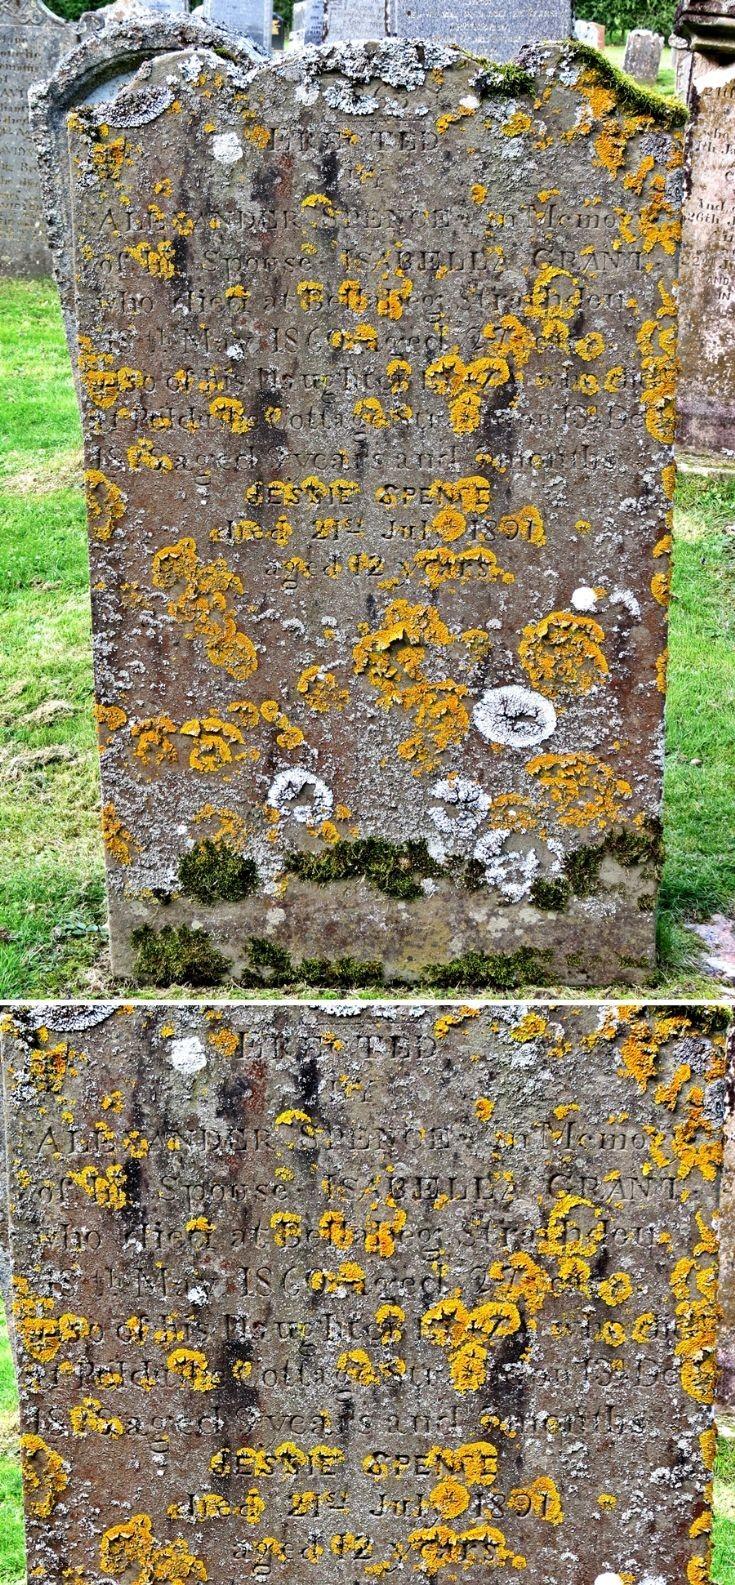 33 Grave Stone No 32 Isabella Grant